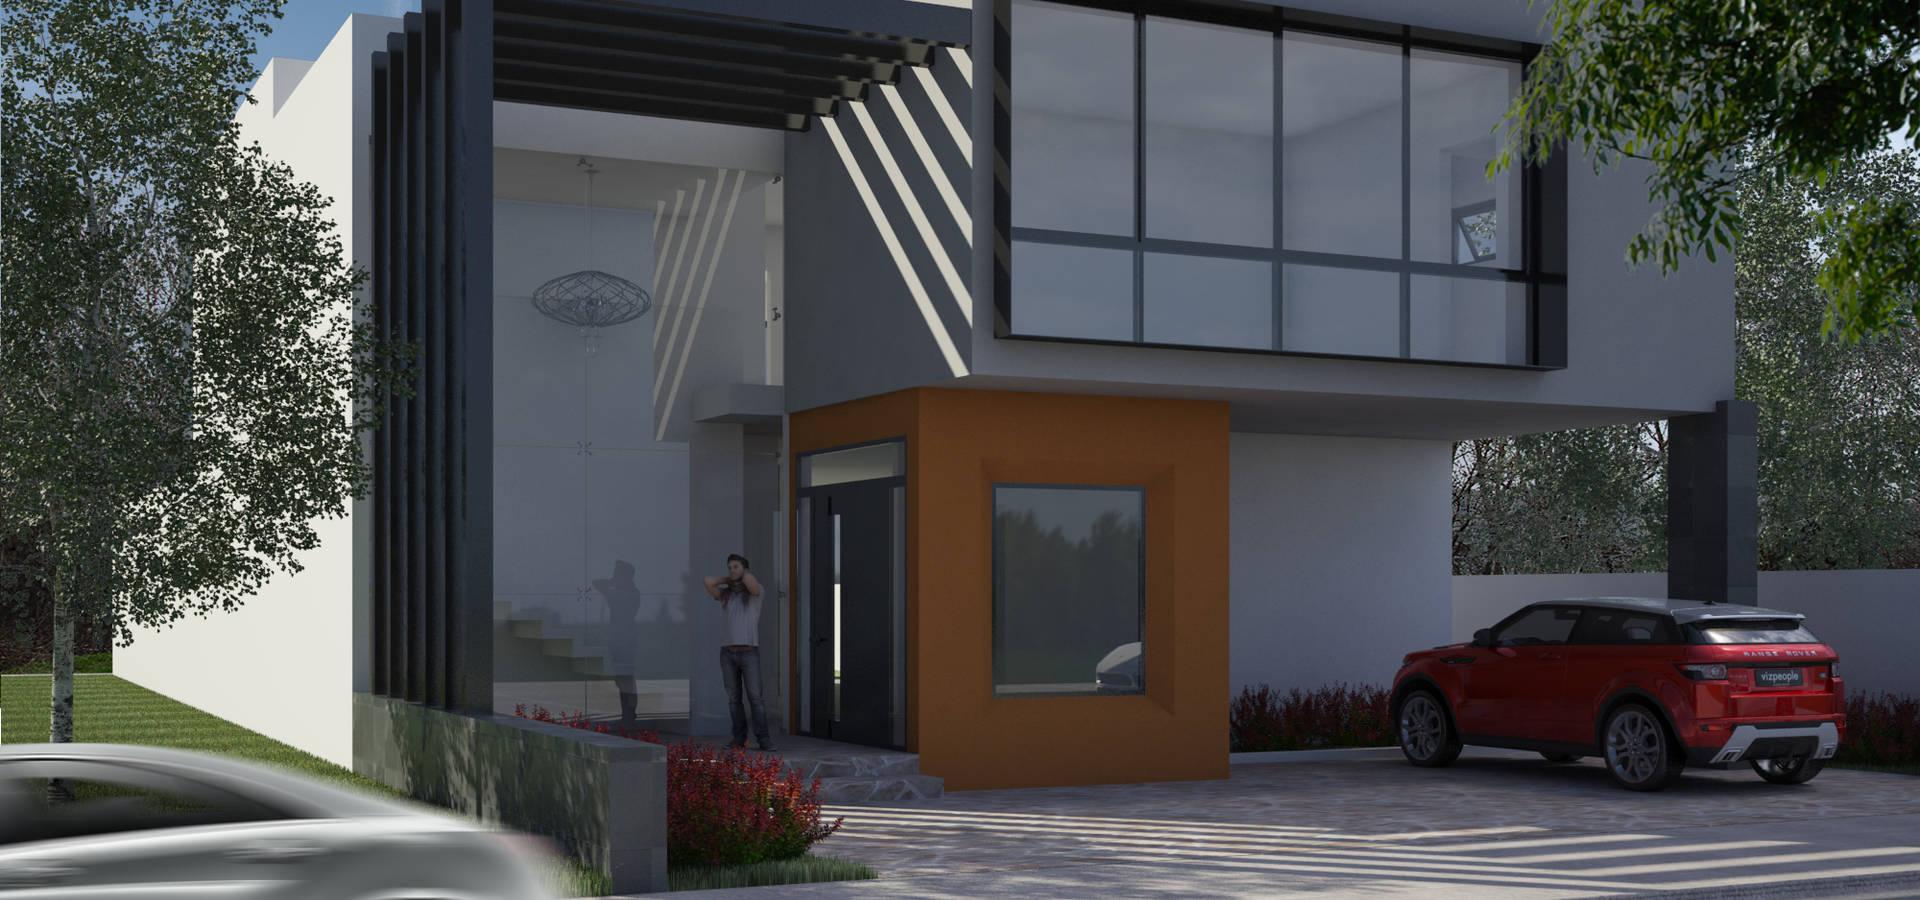 Studio 3Design